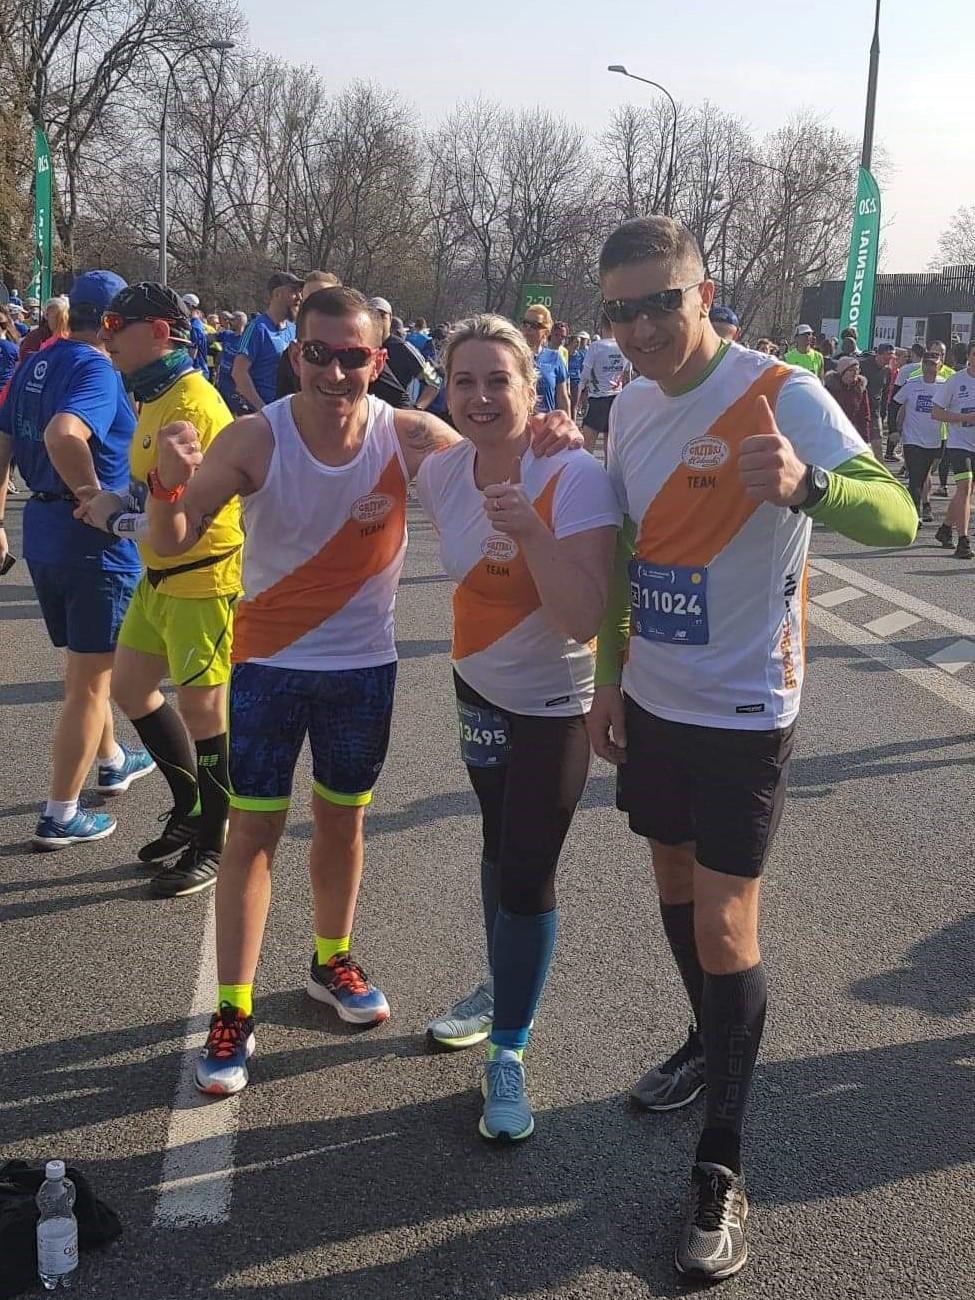 Ania, Darek i Marcin przed startem. | 14. PZU Półmaraton warszawski - 31 marca 2019r.